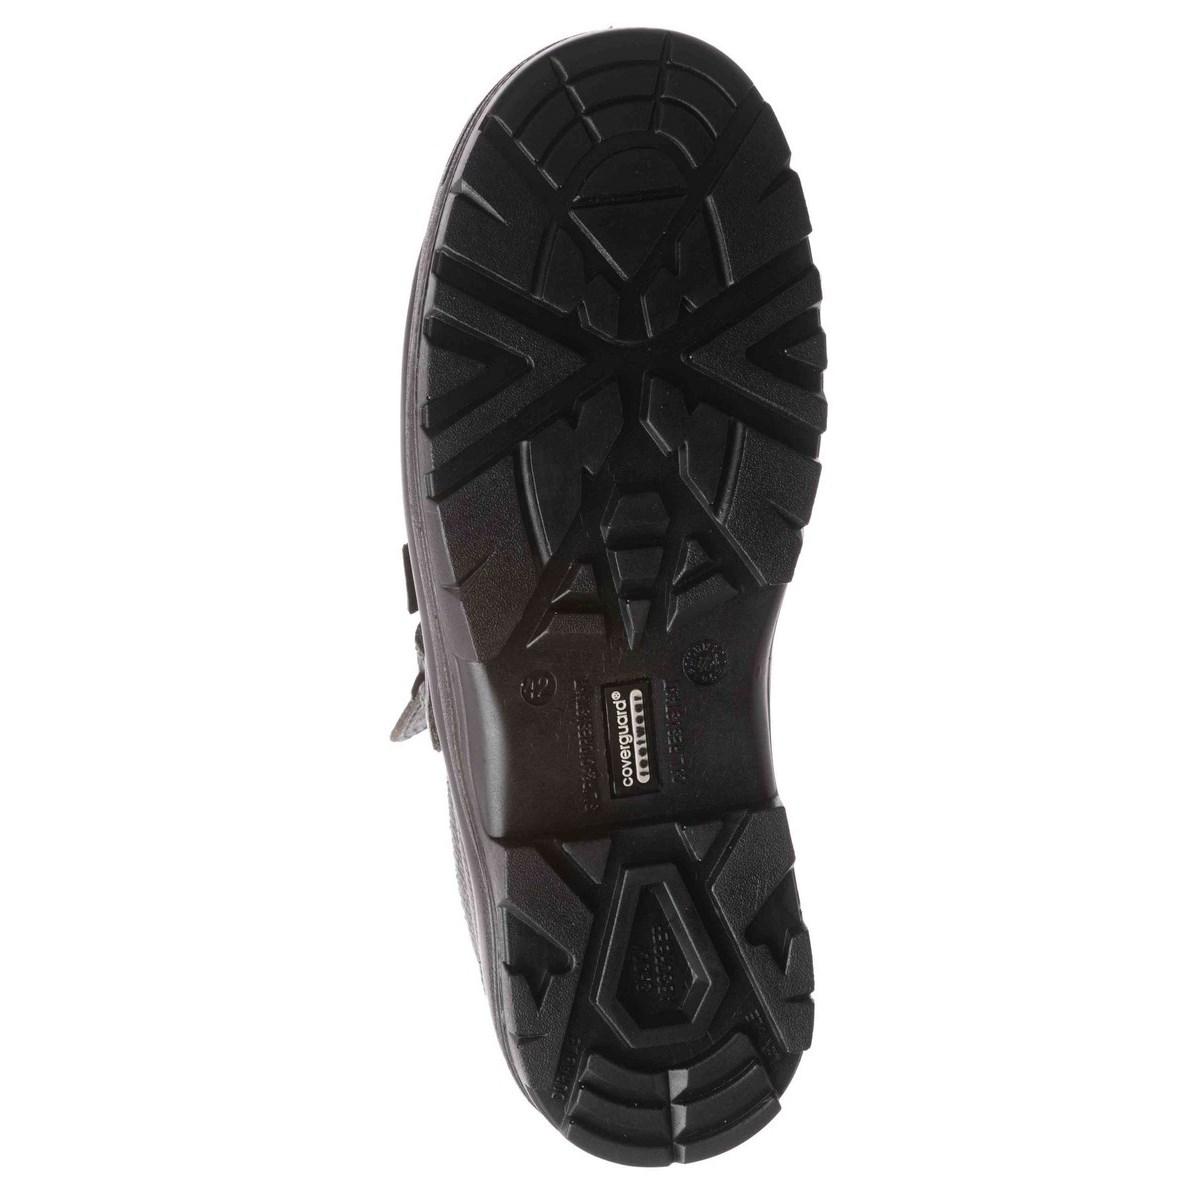 HEGESZTŐ BAKANCS - QUARTZ (S3) lábfejvédős bőr bakancs